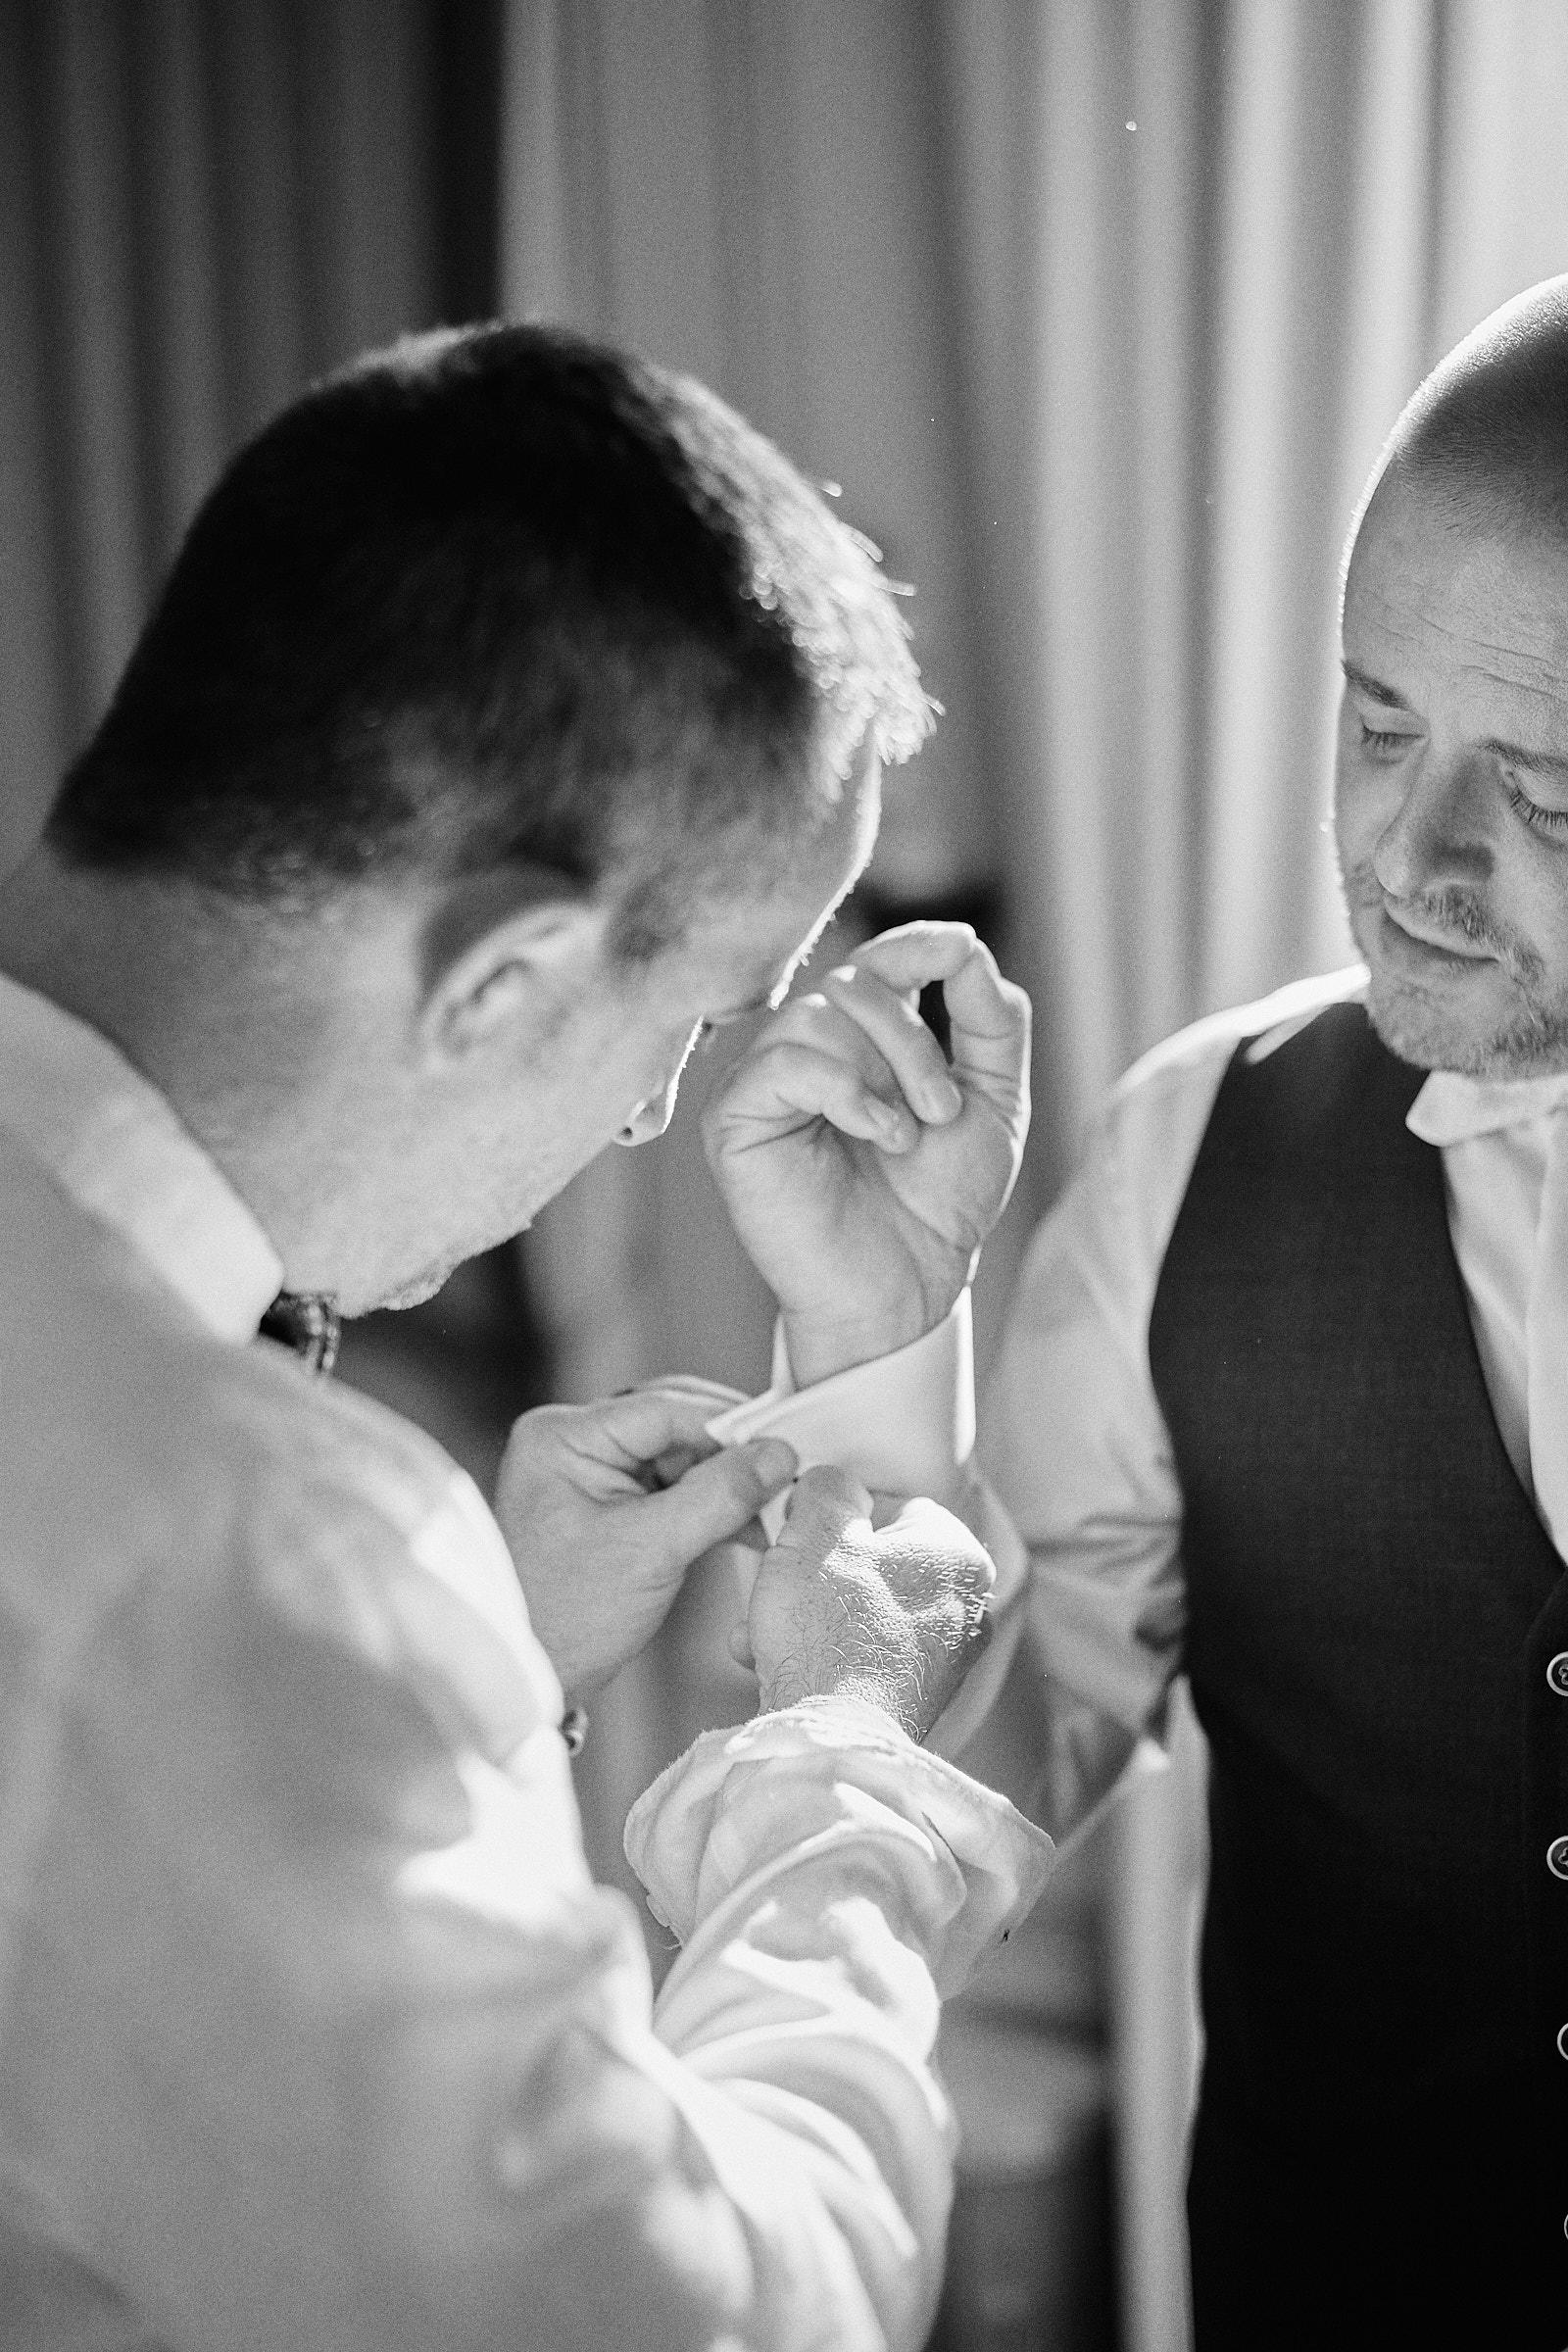 un témoin du marié attache un bouton de manchette